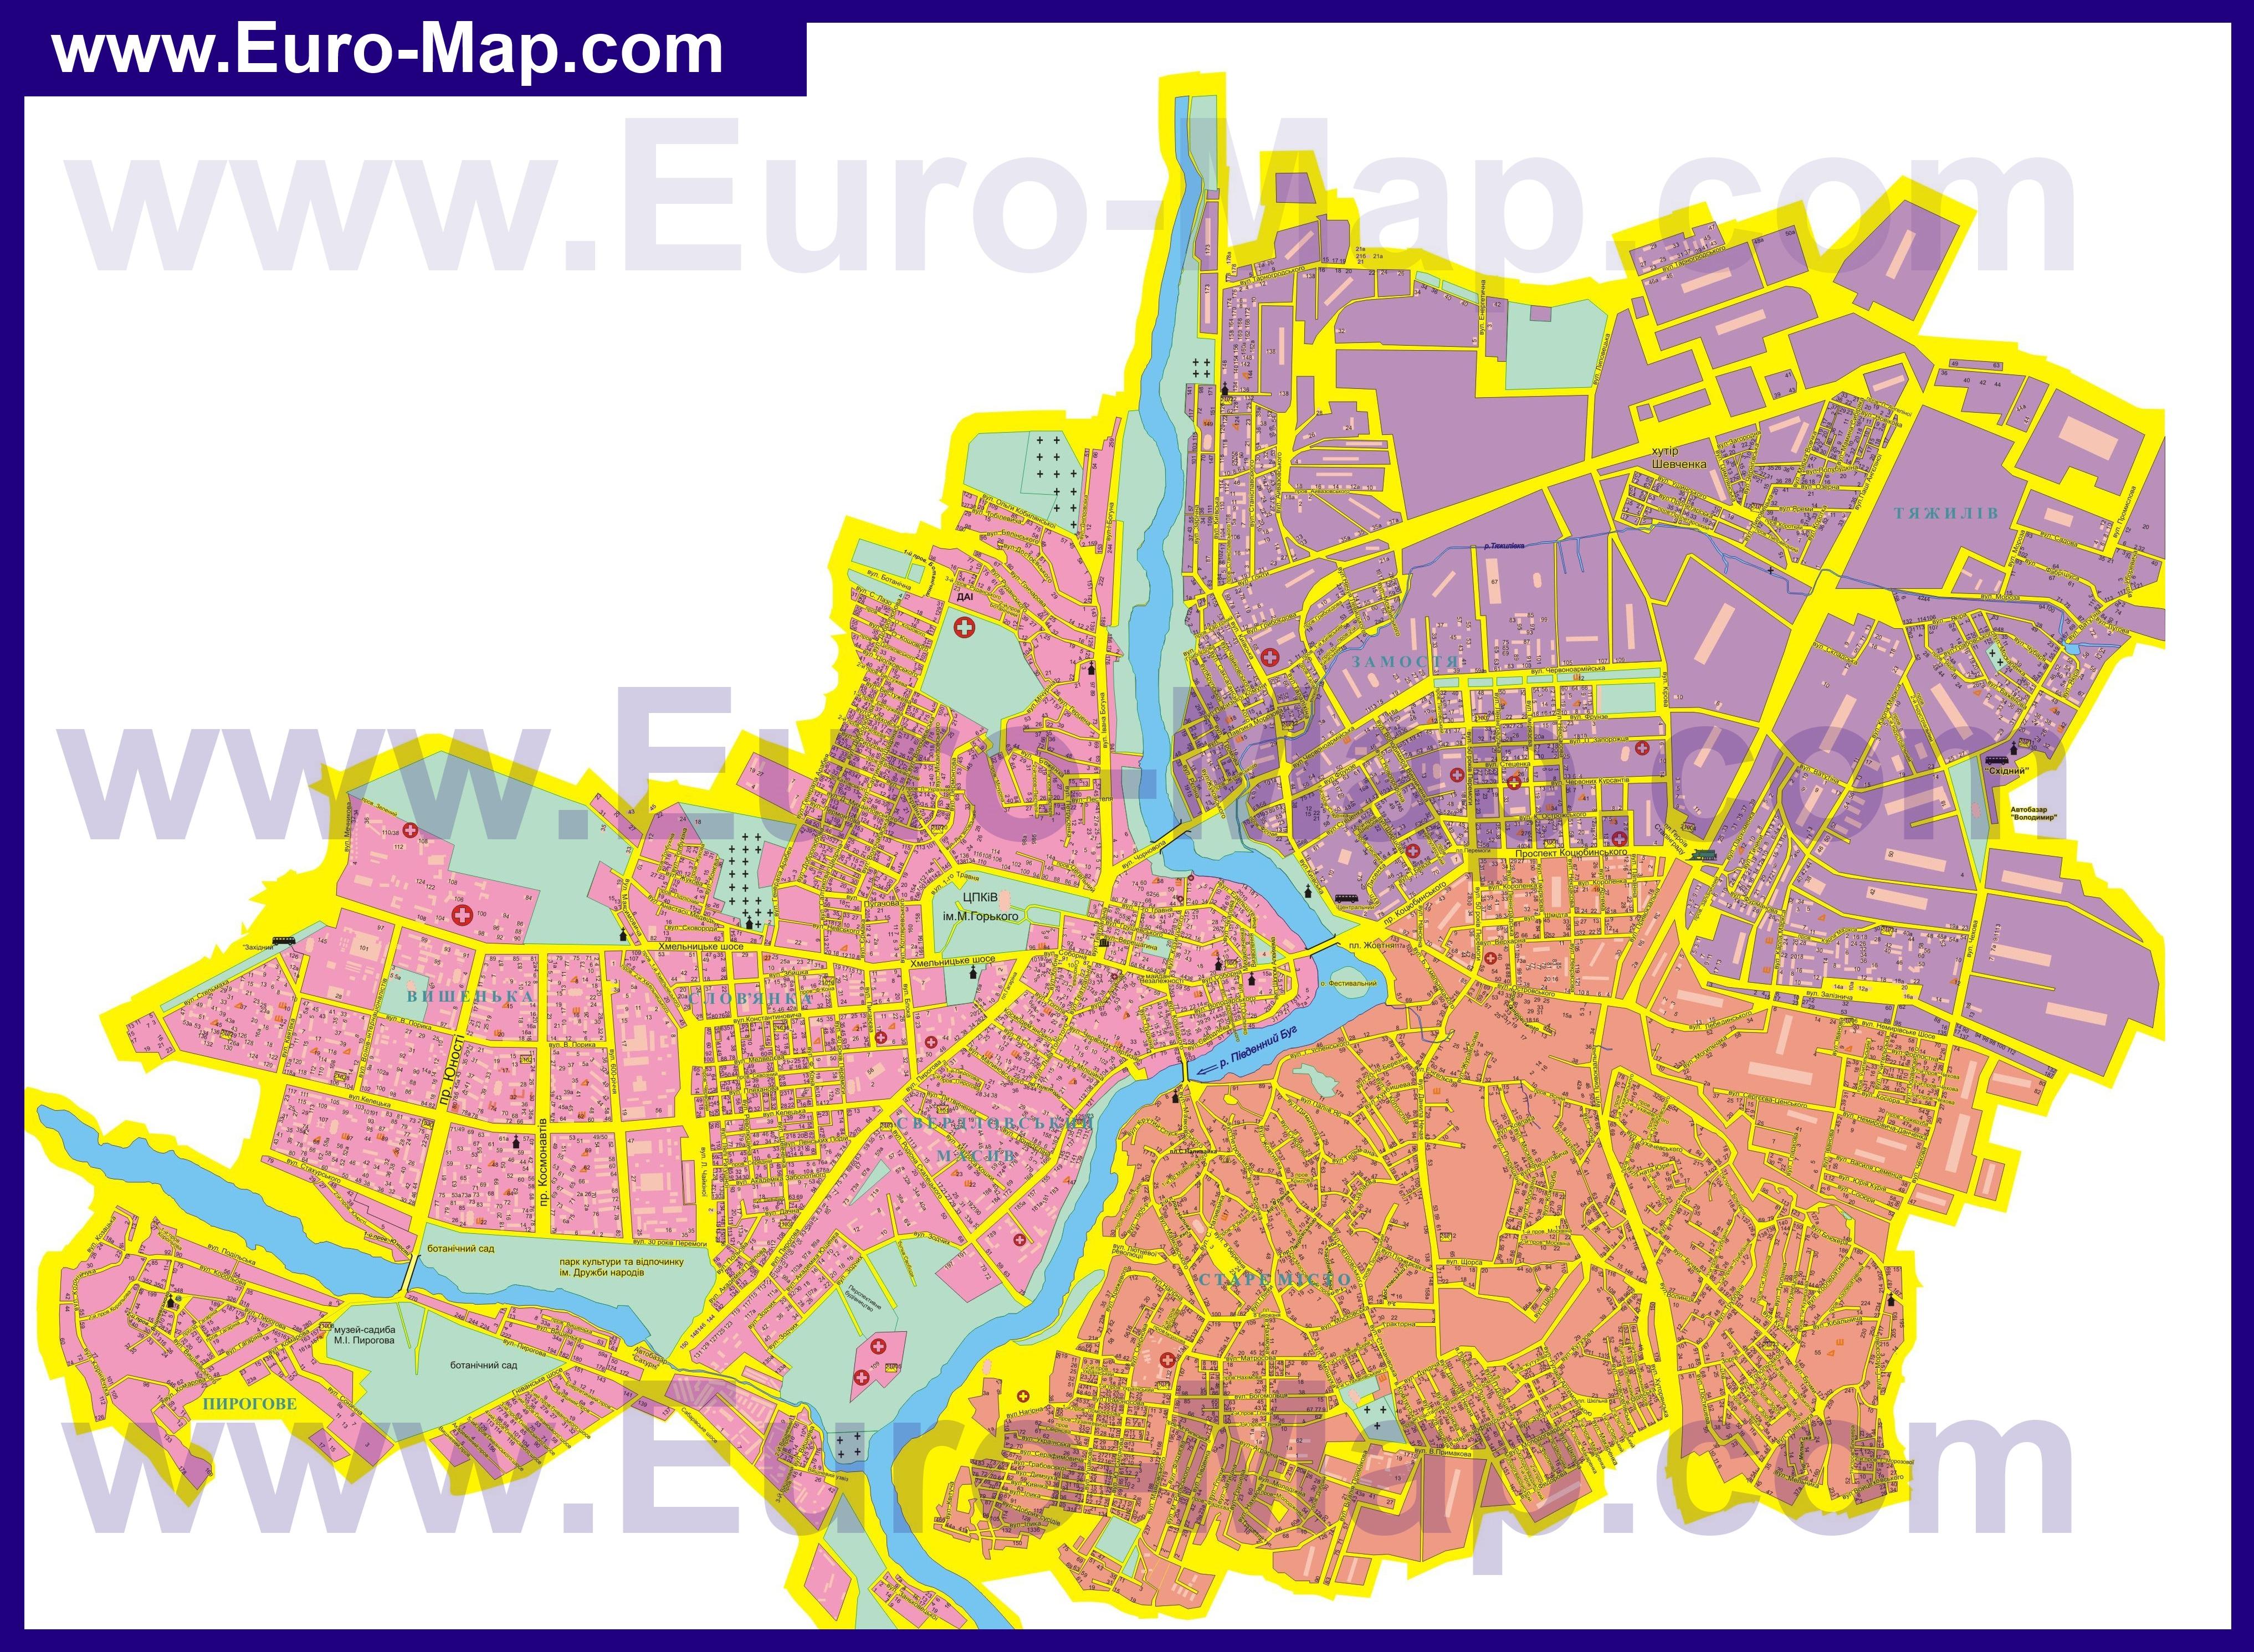 Карты Винницы | Подробная карта города Винница с улицами и ...: http://euro-map.com/karty-ukrainy/vinnica/